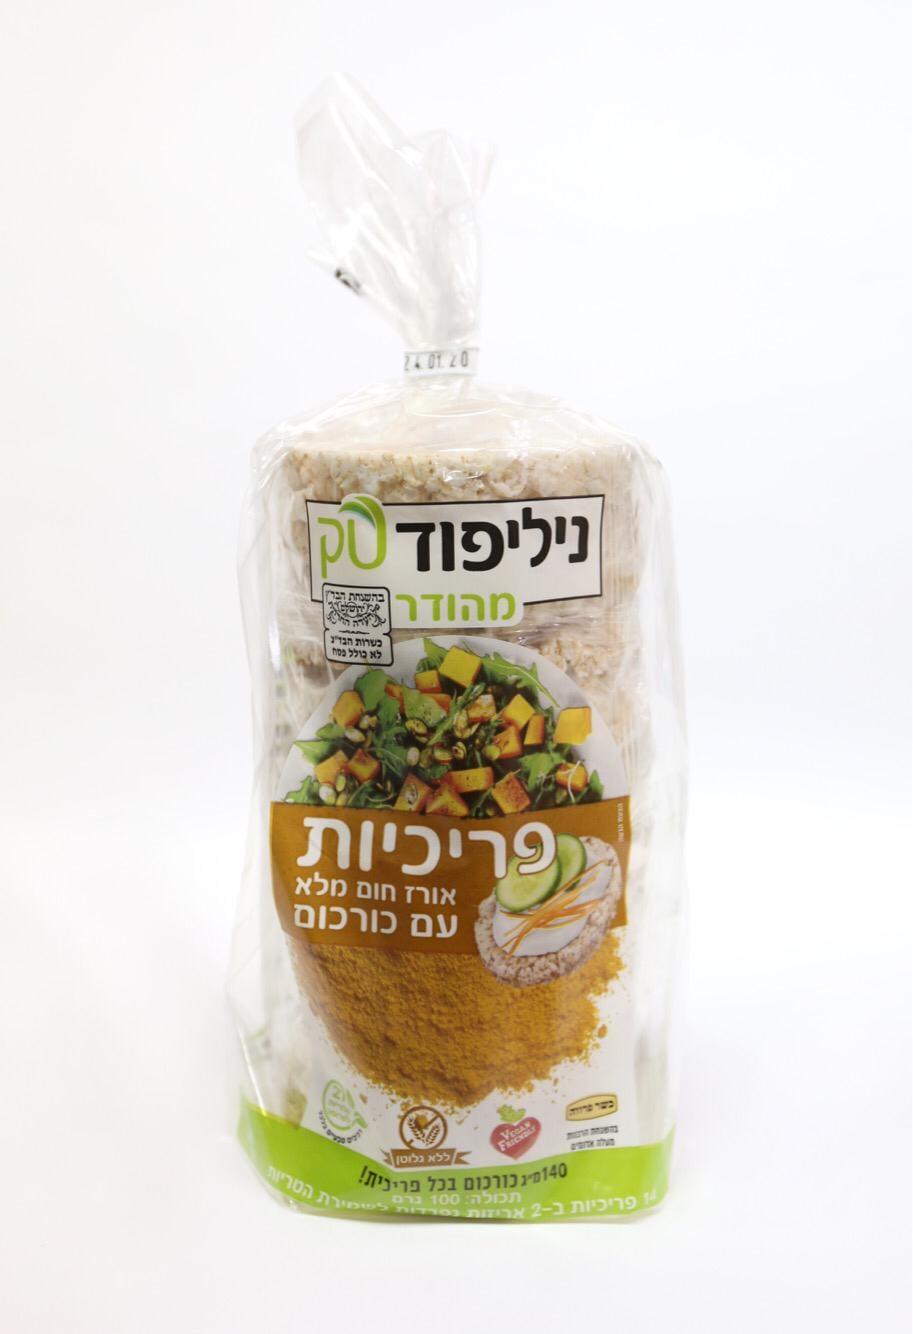 פריכיות אורז חום מלא עם כורכום